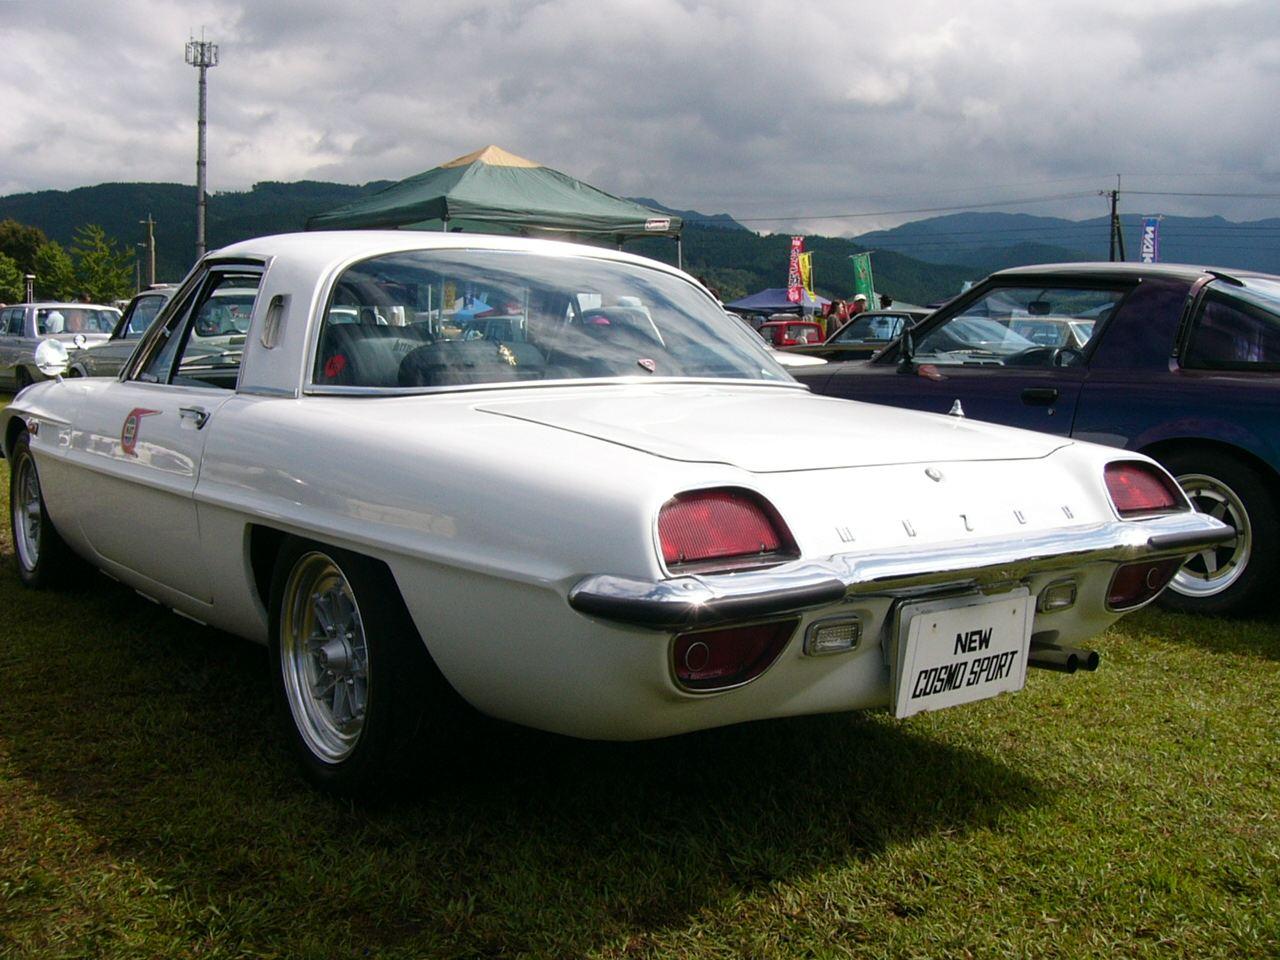 Mazda Cosmo Sport, auto z duszą, stary samochód, dawny model, fotki